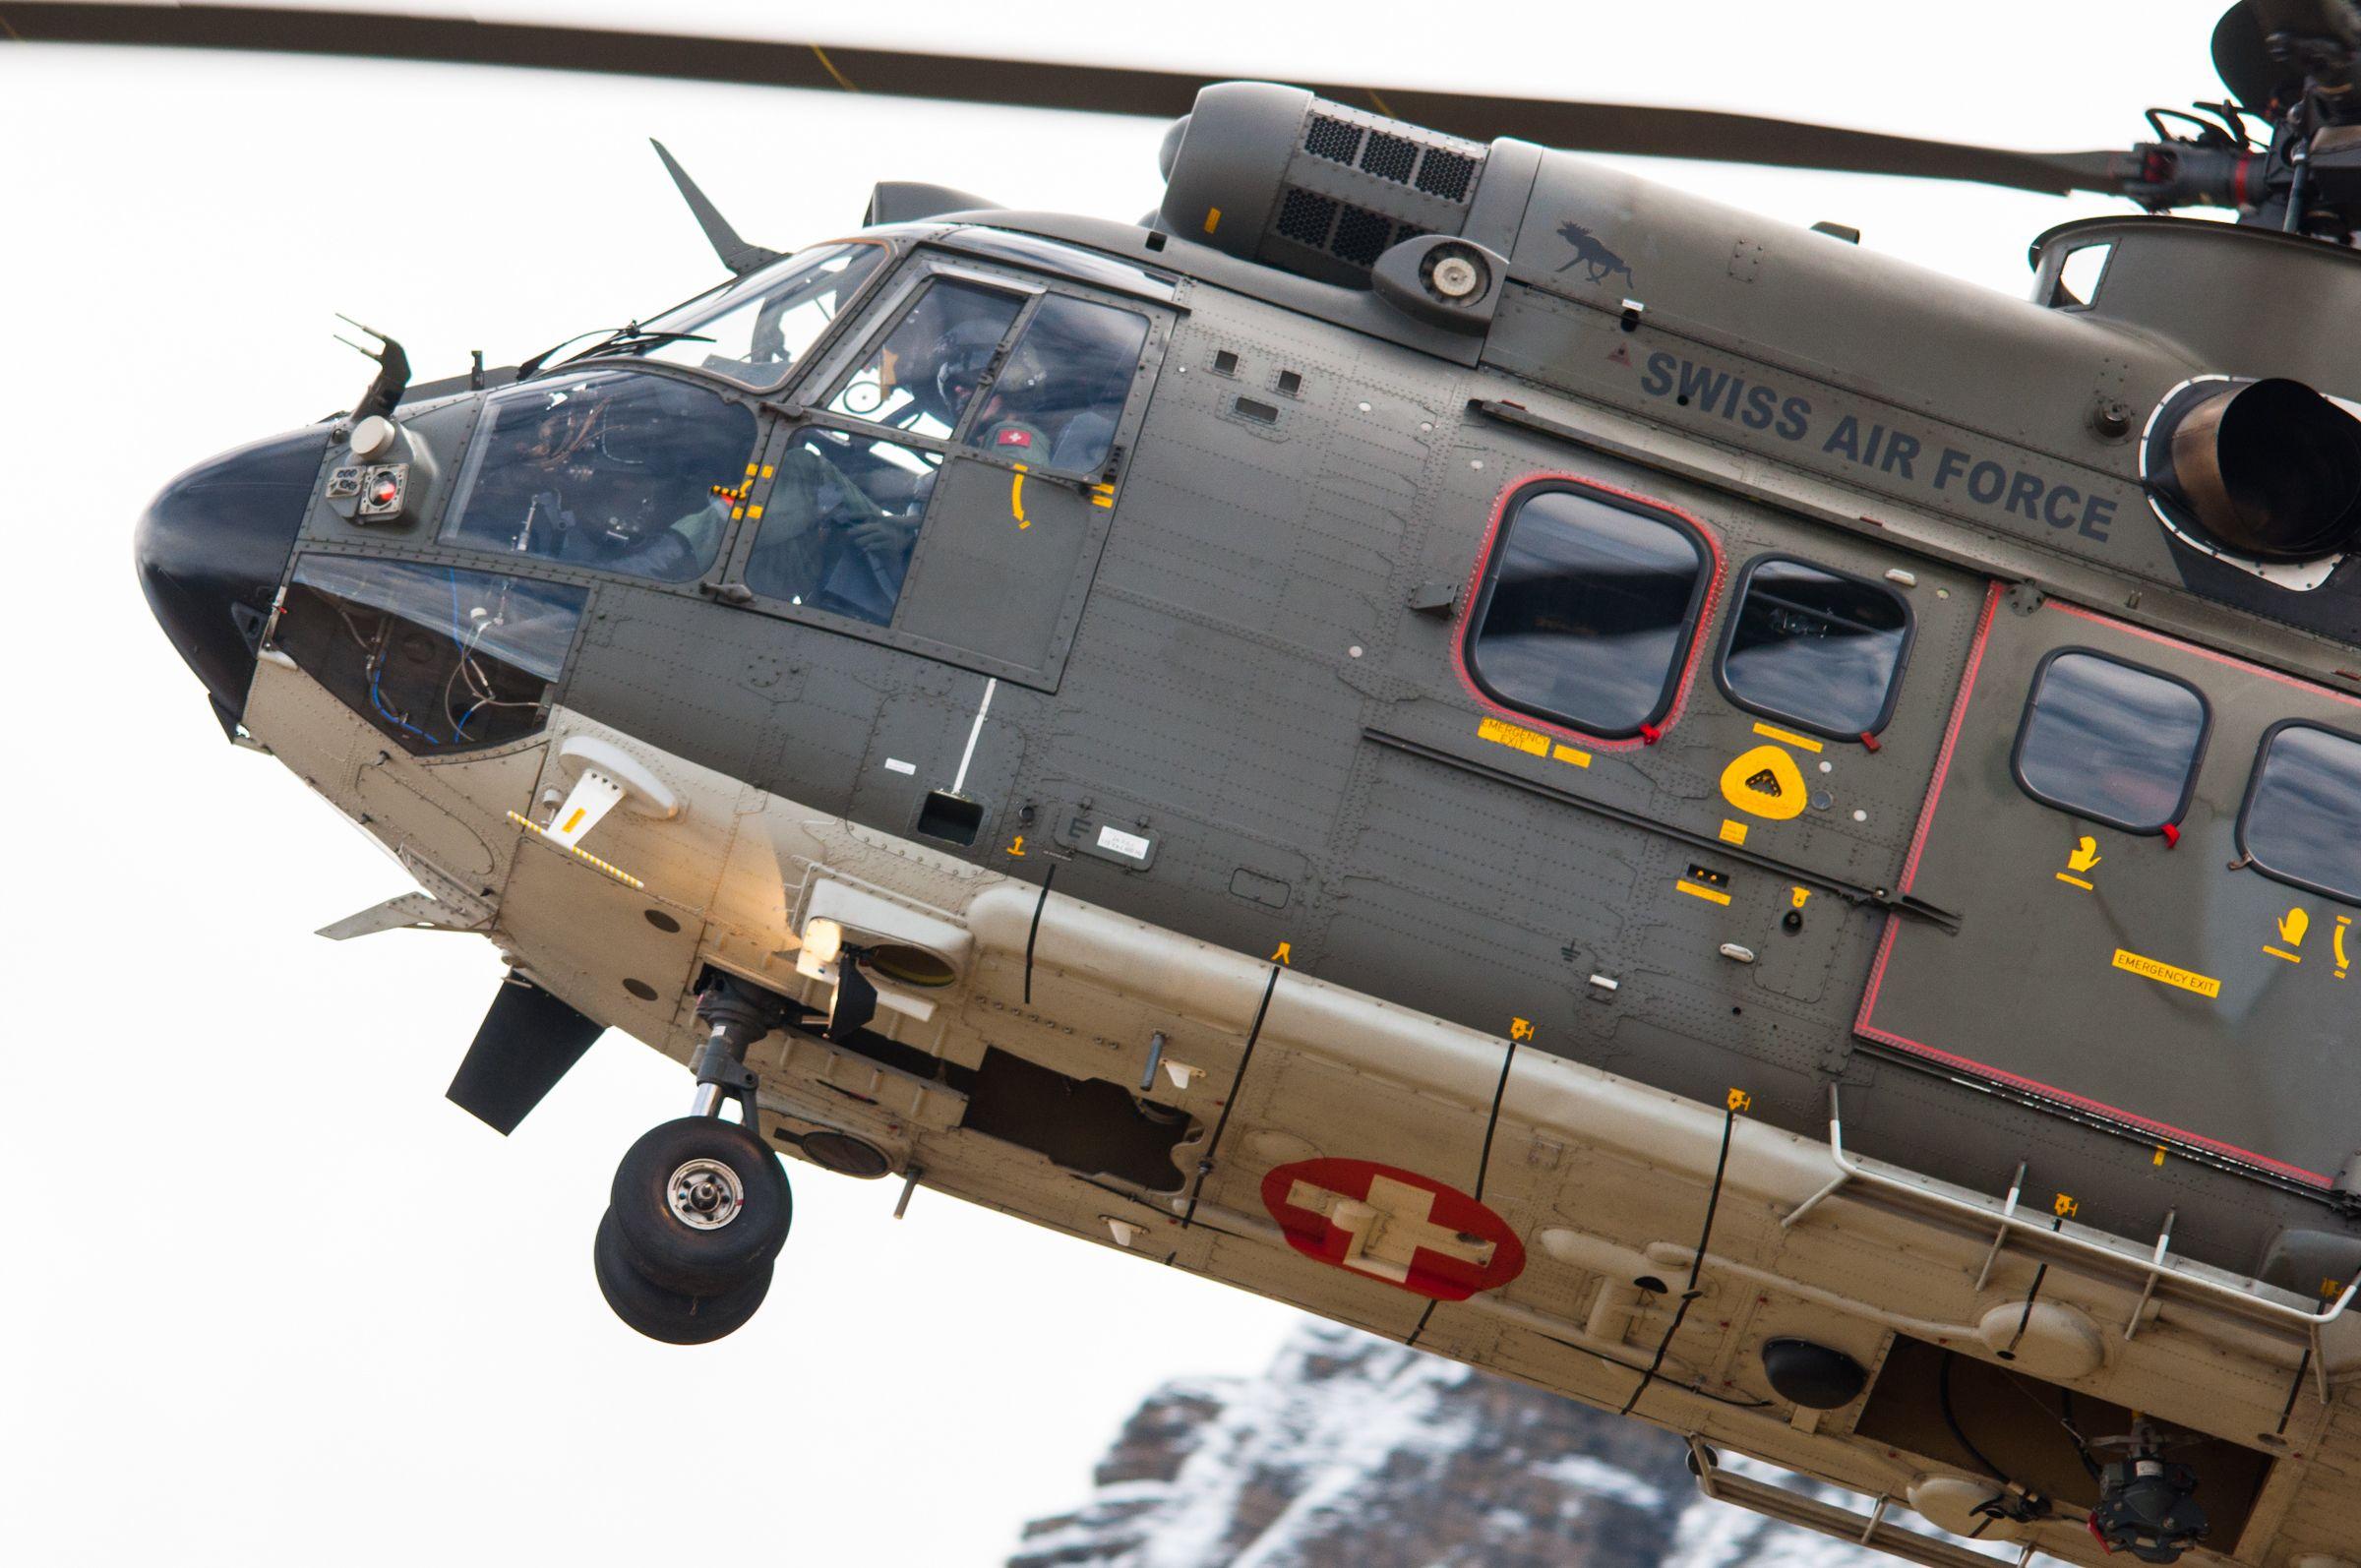 Air force live fire event Axalp 2012 - 10-11 Oct 2012 - Pagina 2 0001104